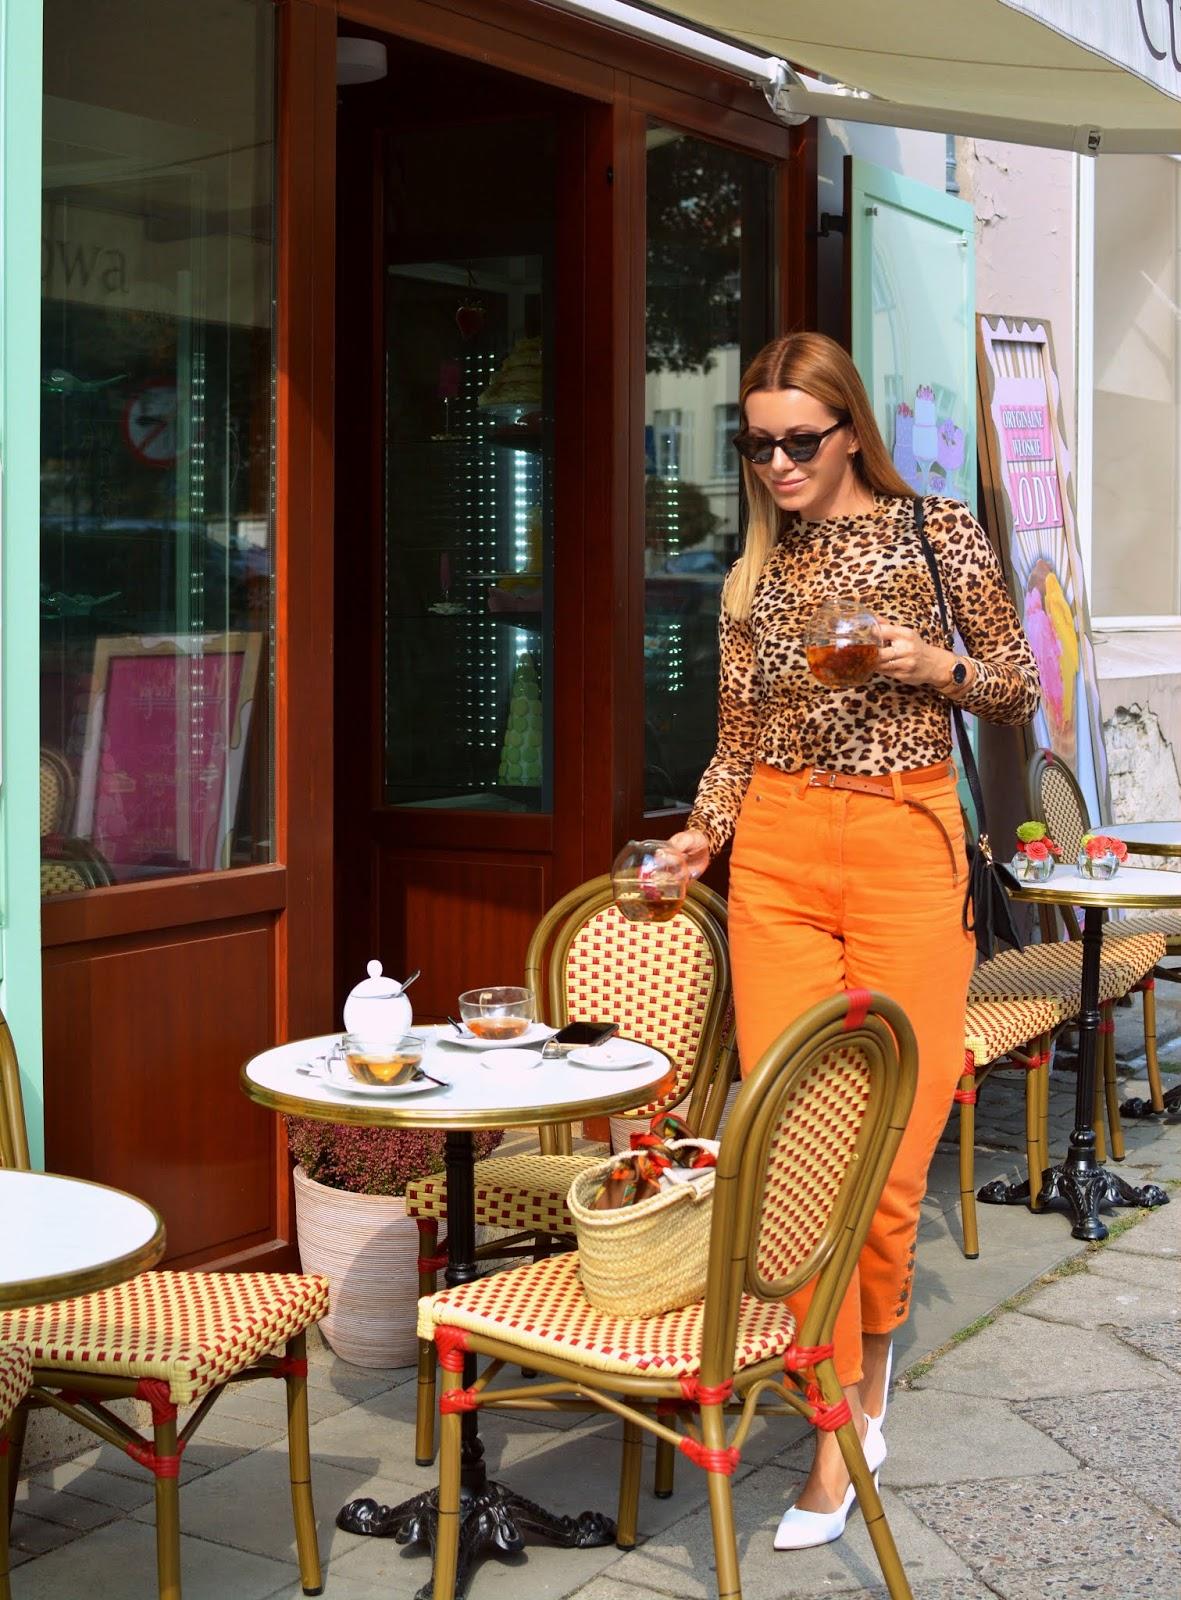 styl paryski, francuski, kawiarnia, poznan, koszyk. basket bag, panterka, blog, stylizacja